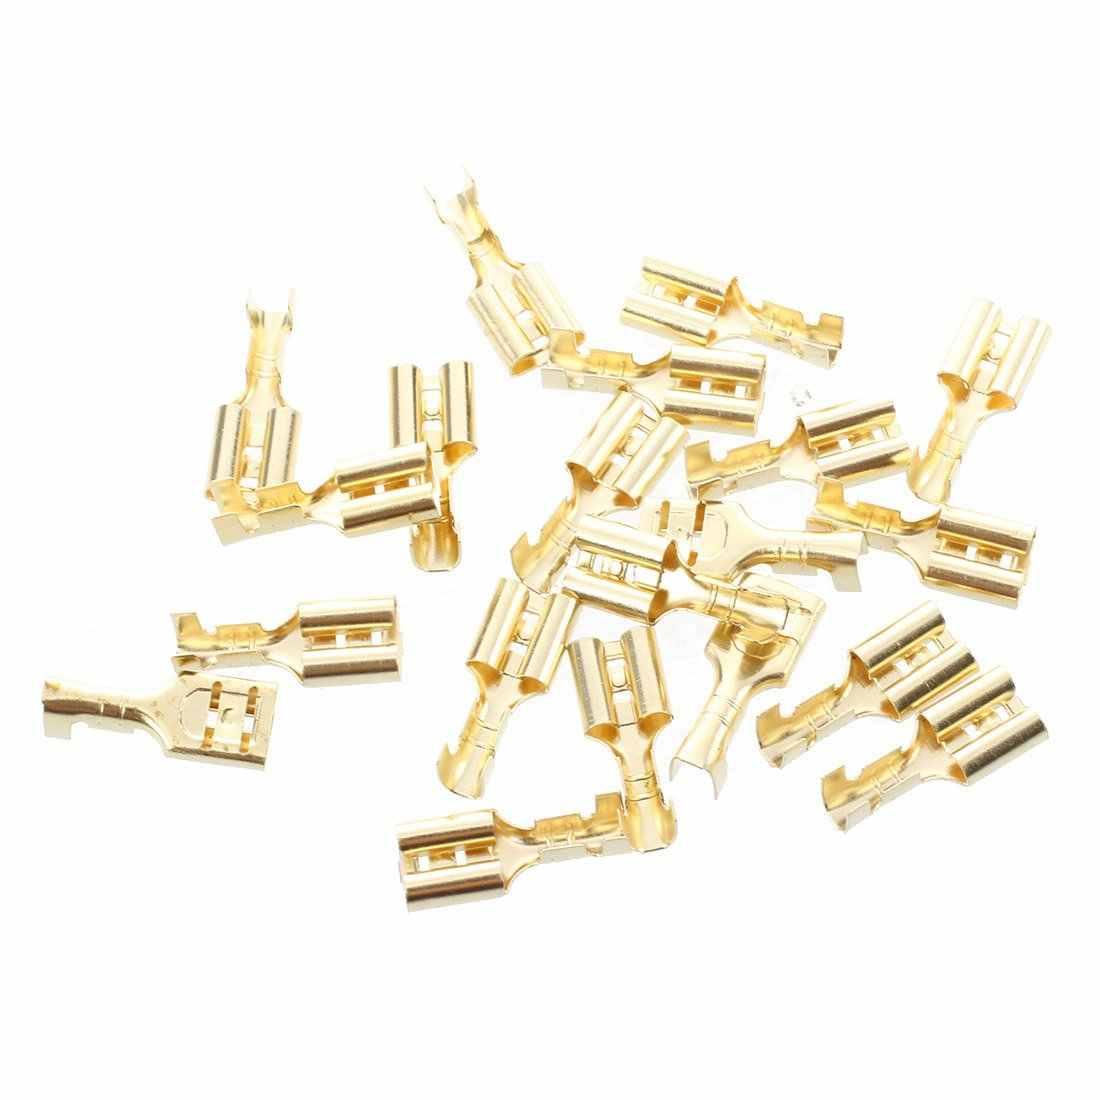 20 pièces borne à sertir en laiton doré 6.7mm connecteurs femelles